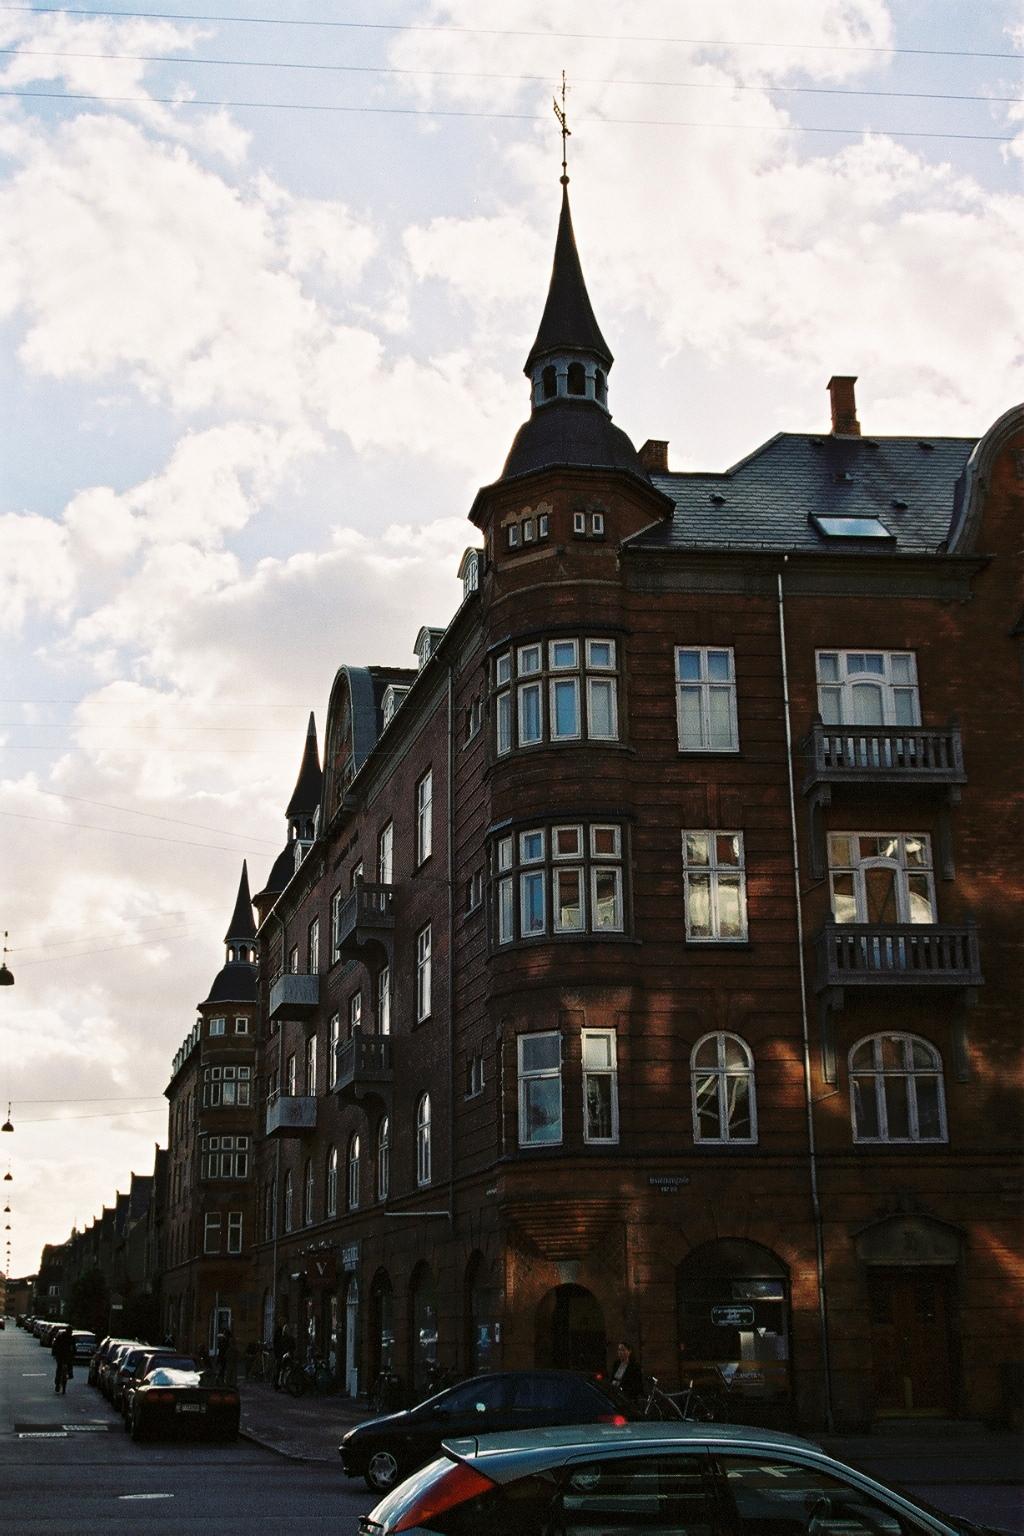 Danemark, Rue typique de Copenhague